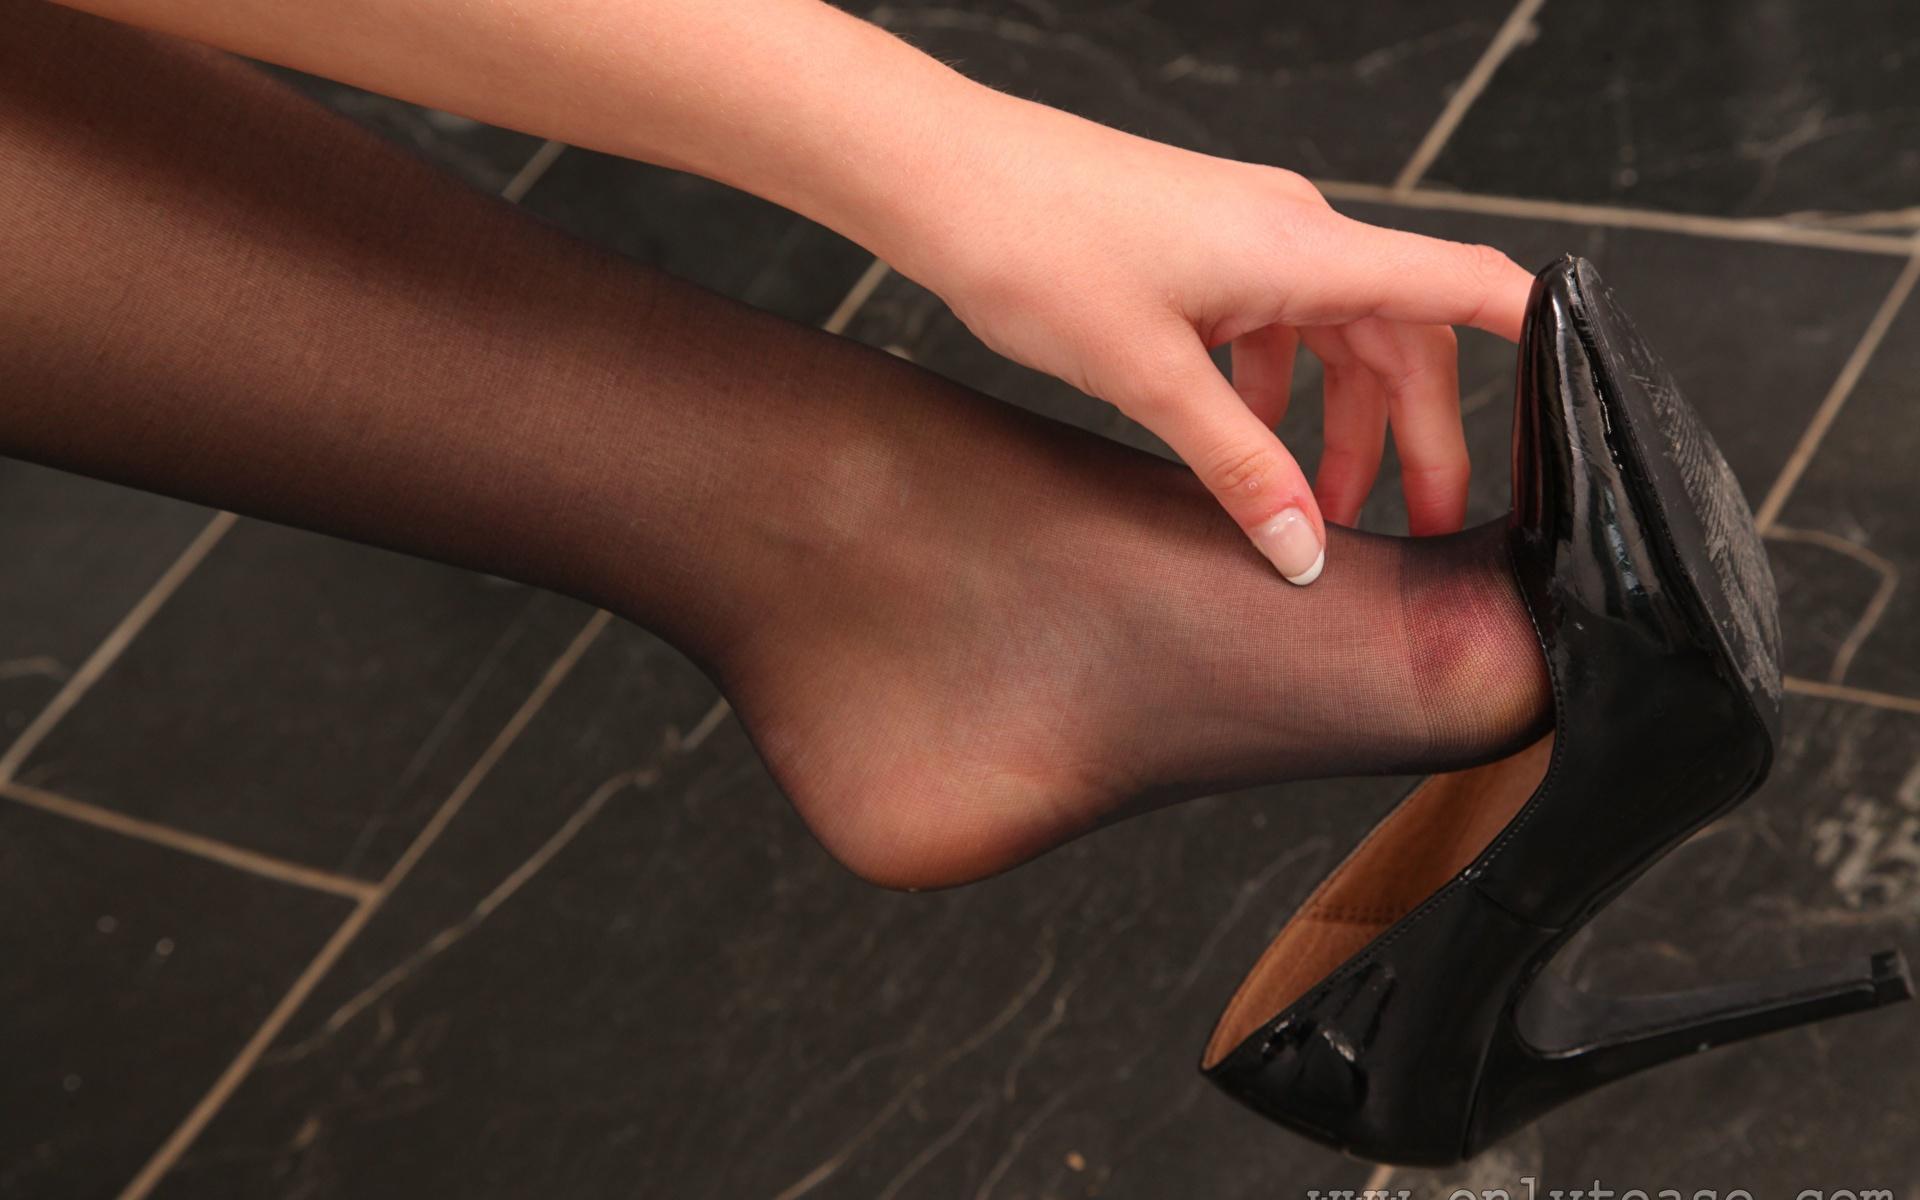 Обои для рабочего стола колготках Девушки ног Руки вблизи туфлях 1920x1200 колготок Колготки девушка молодая женщина молодые женщины Ноги рука Крупным планом Туфли туфель